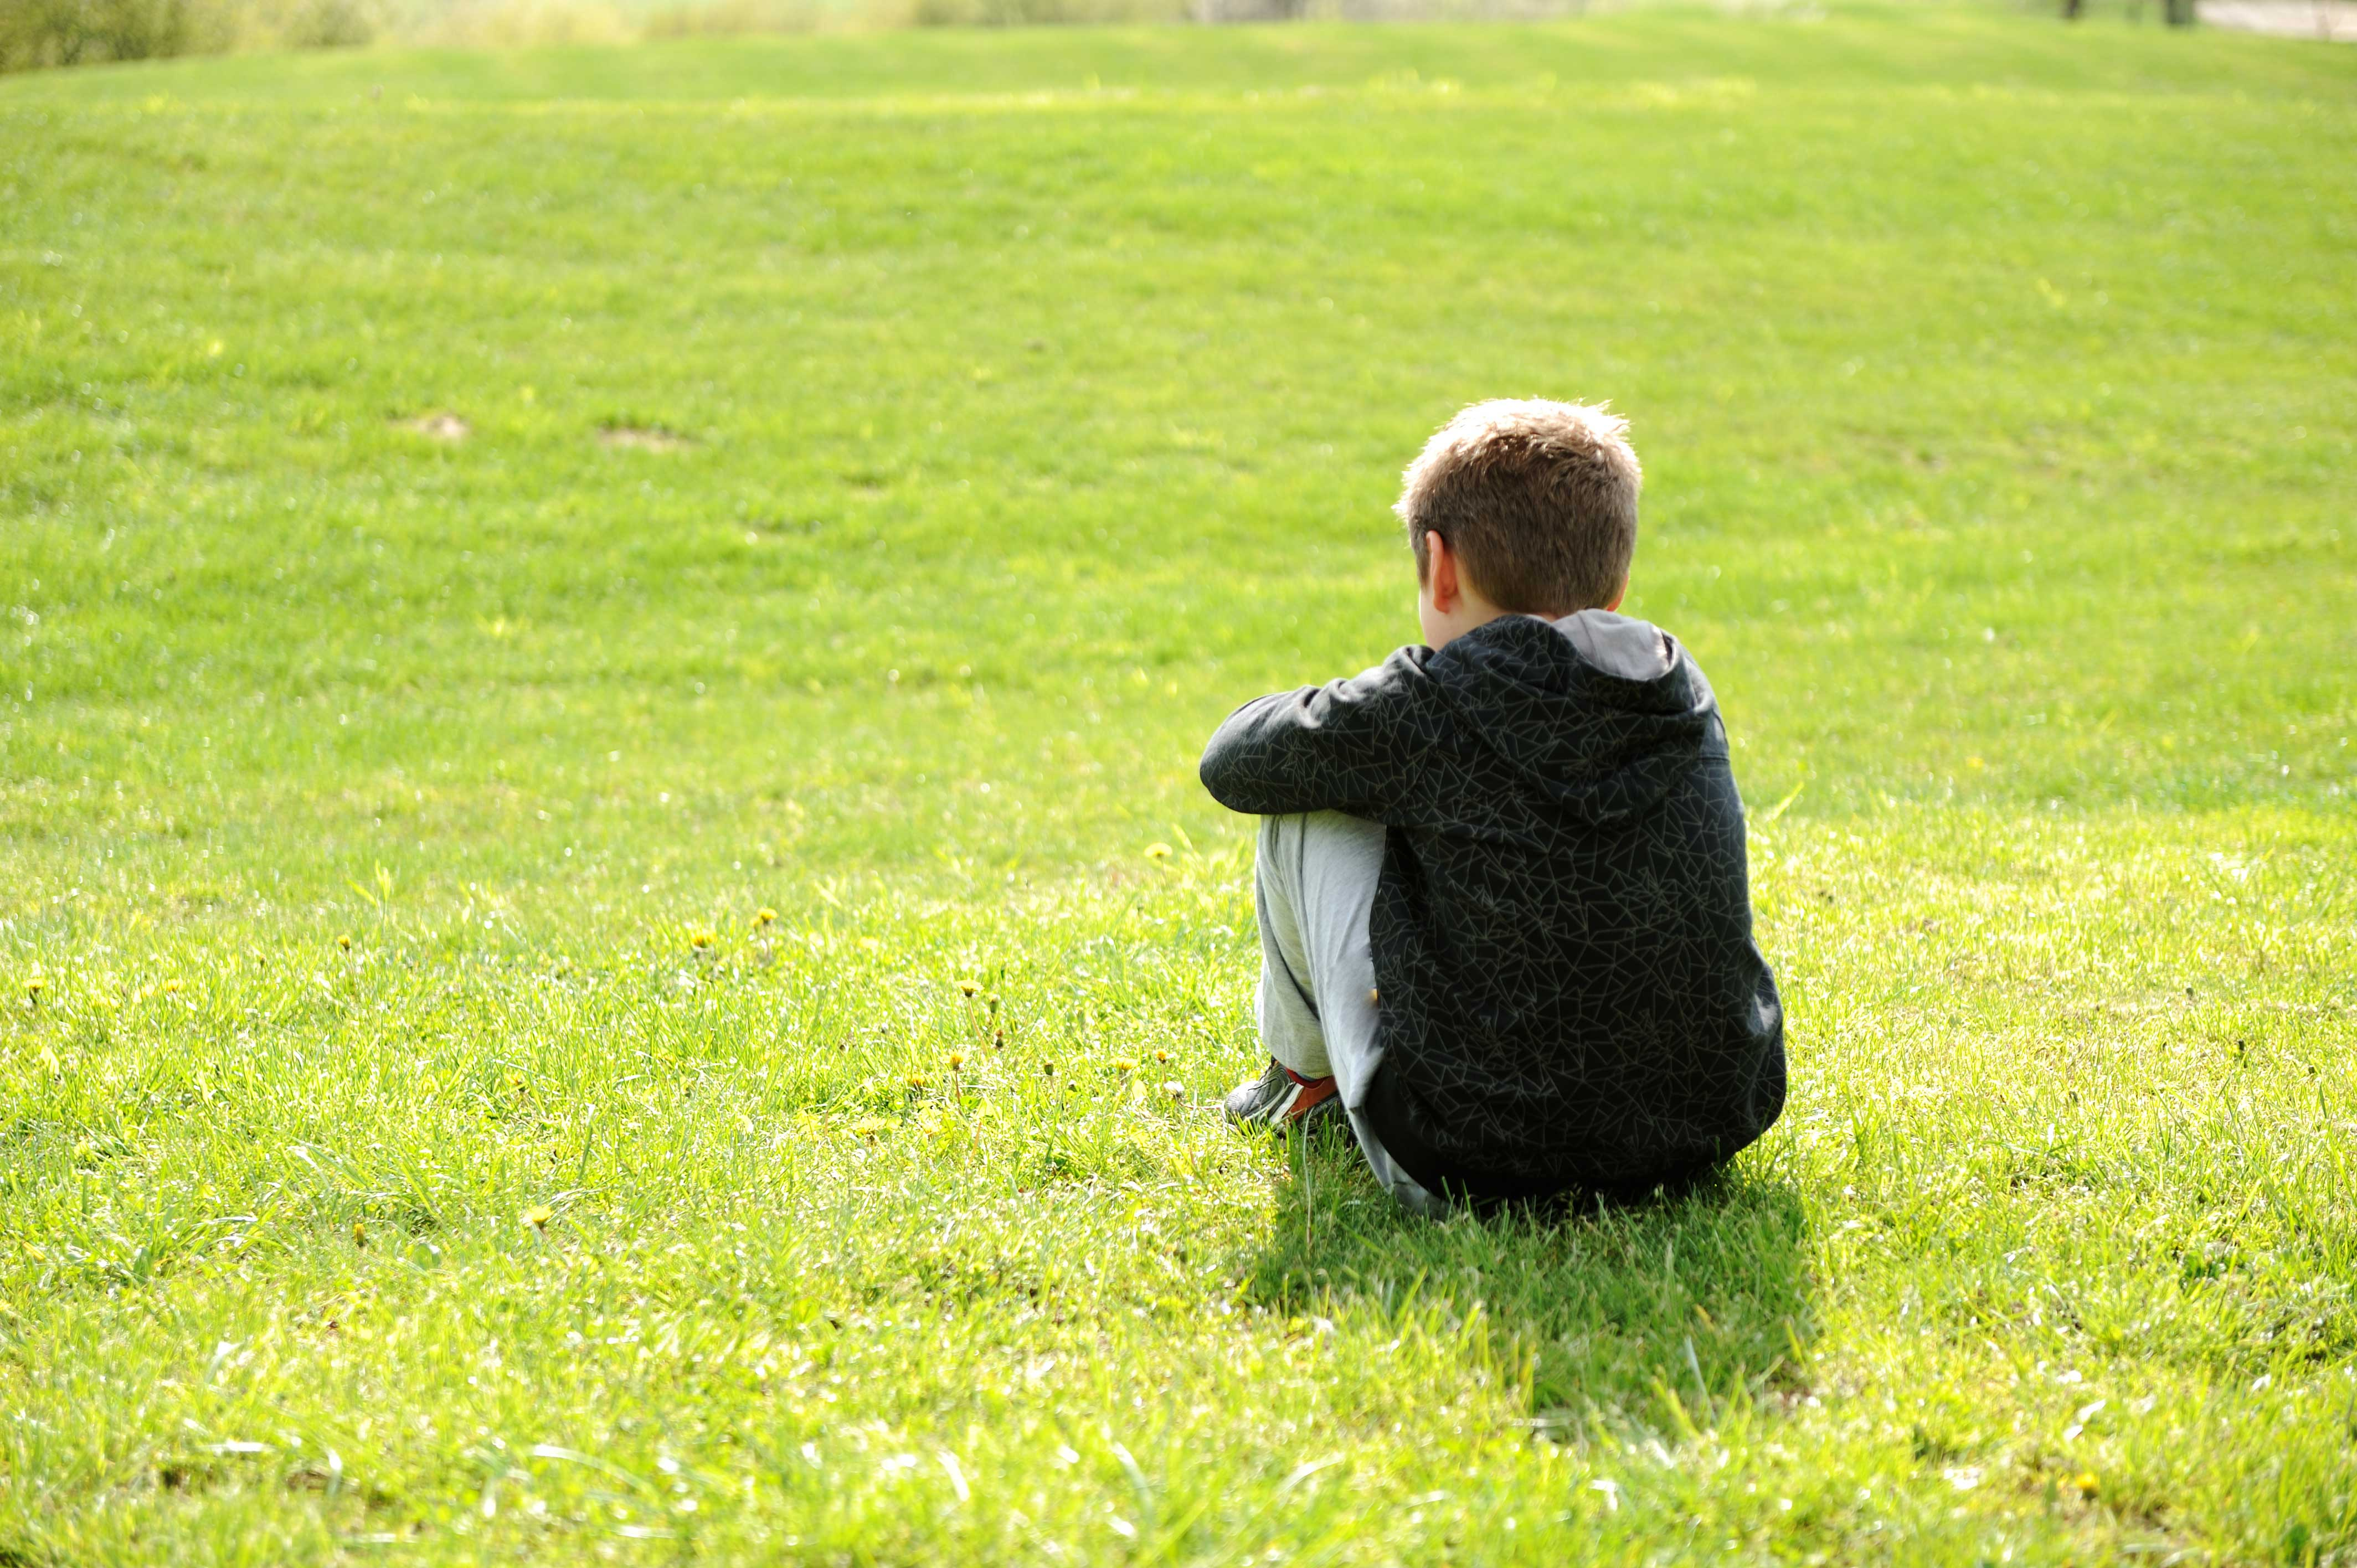 Агрессия и шизофрения у ребенка